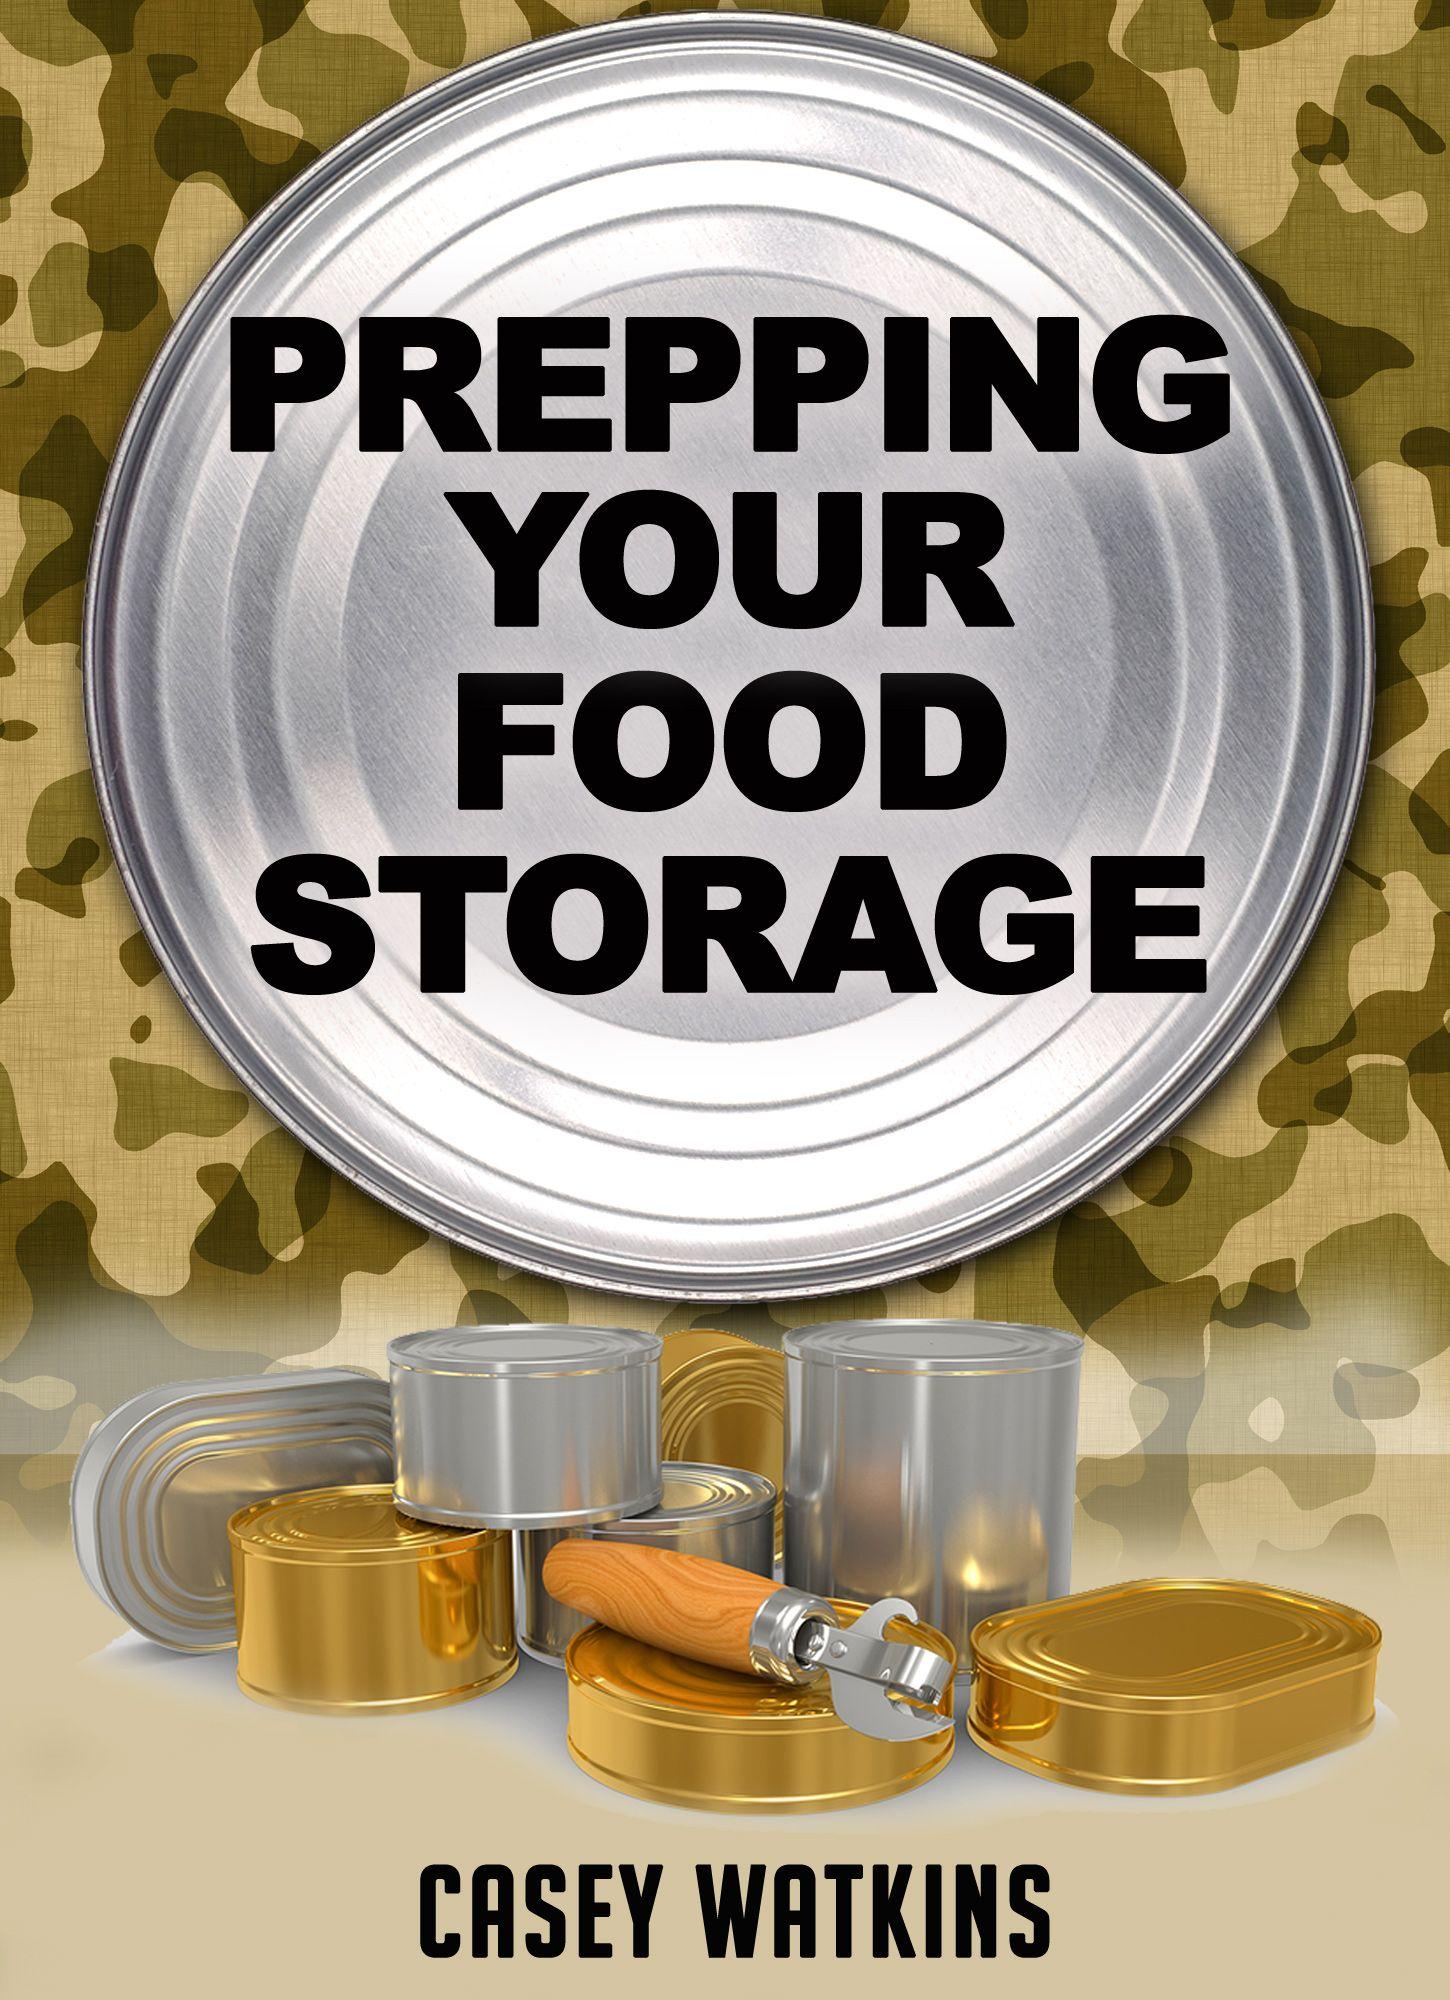 food supply shortage coming